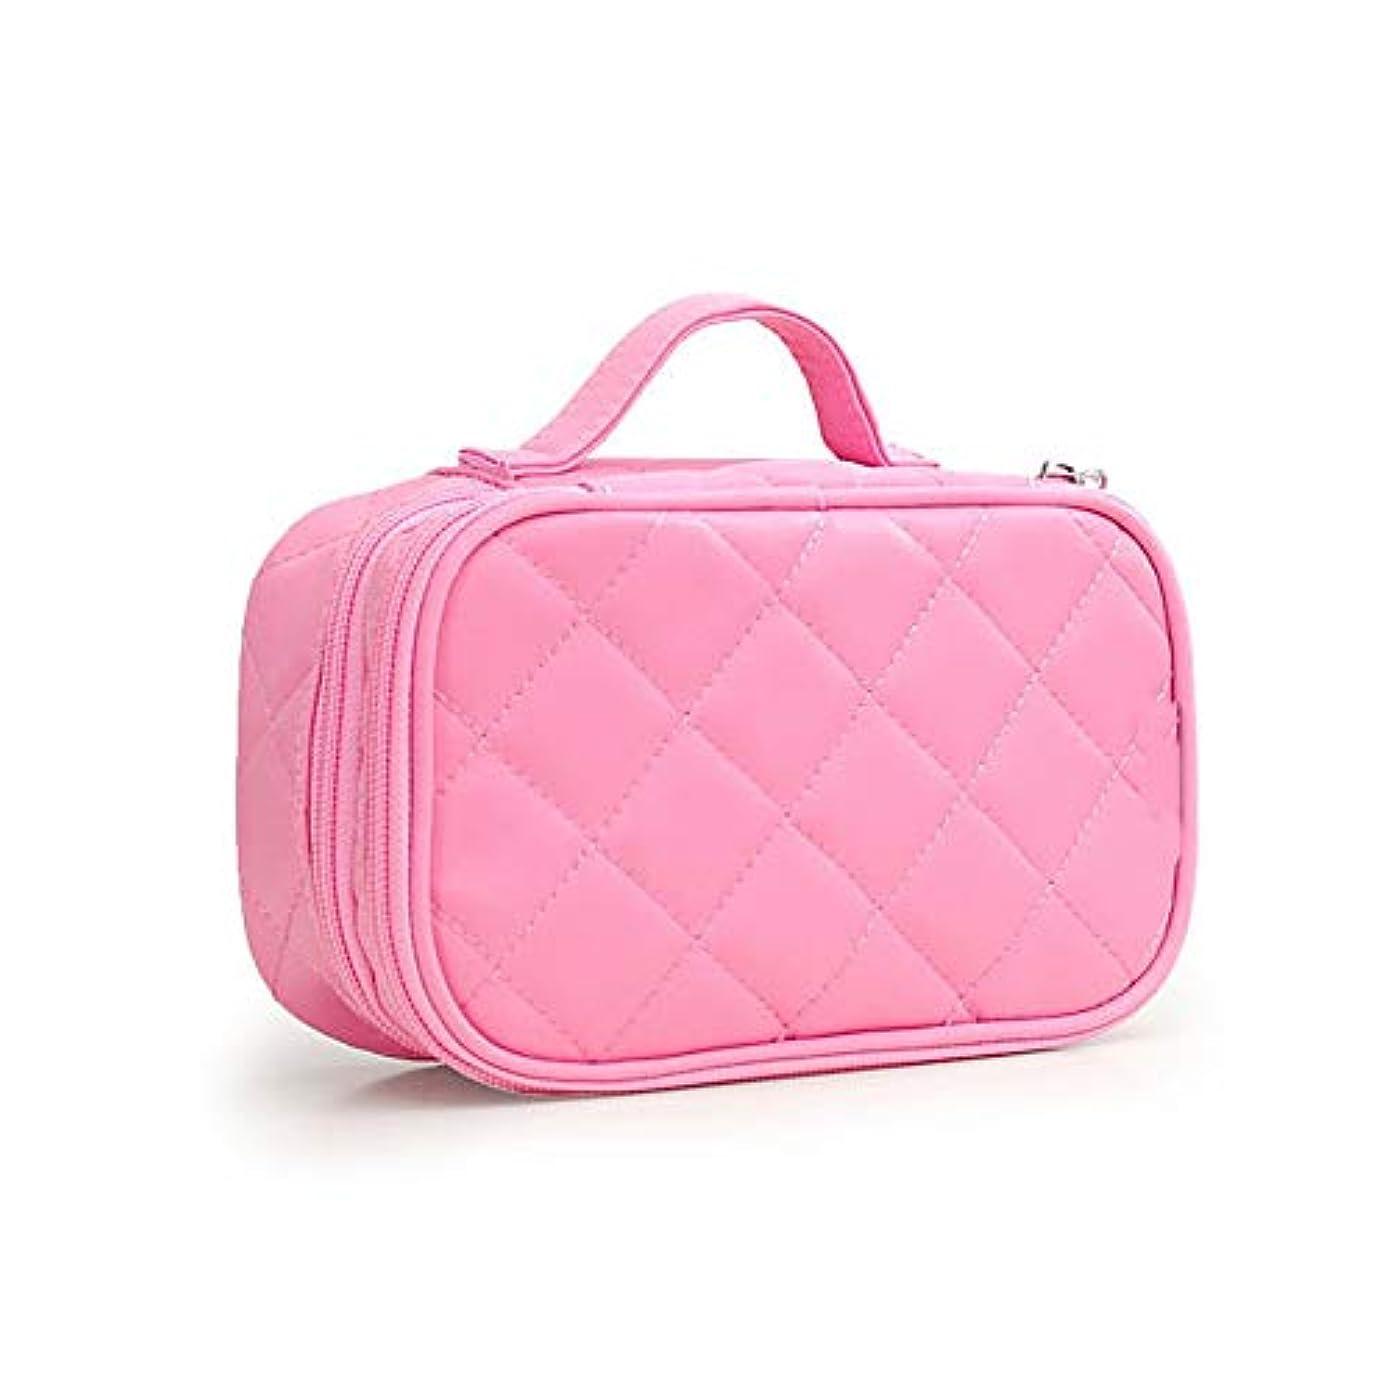 レースカッター返還化粧オーガナイザーバッグ 女性の化粧品バッグのポータブル韓国語バージョン創造的な ナイロン防水洗浄バッグ。 化粧品ケース (色 : ピンク)